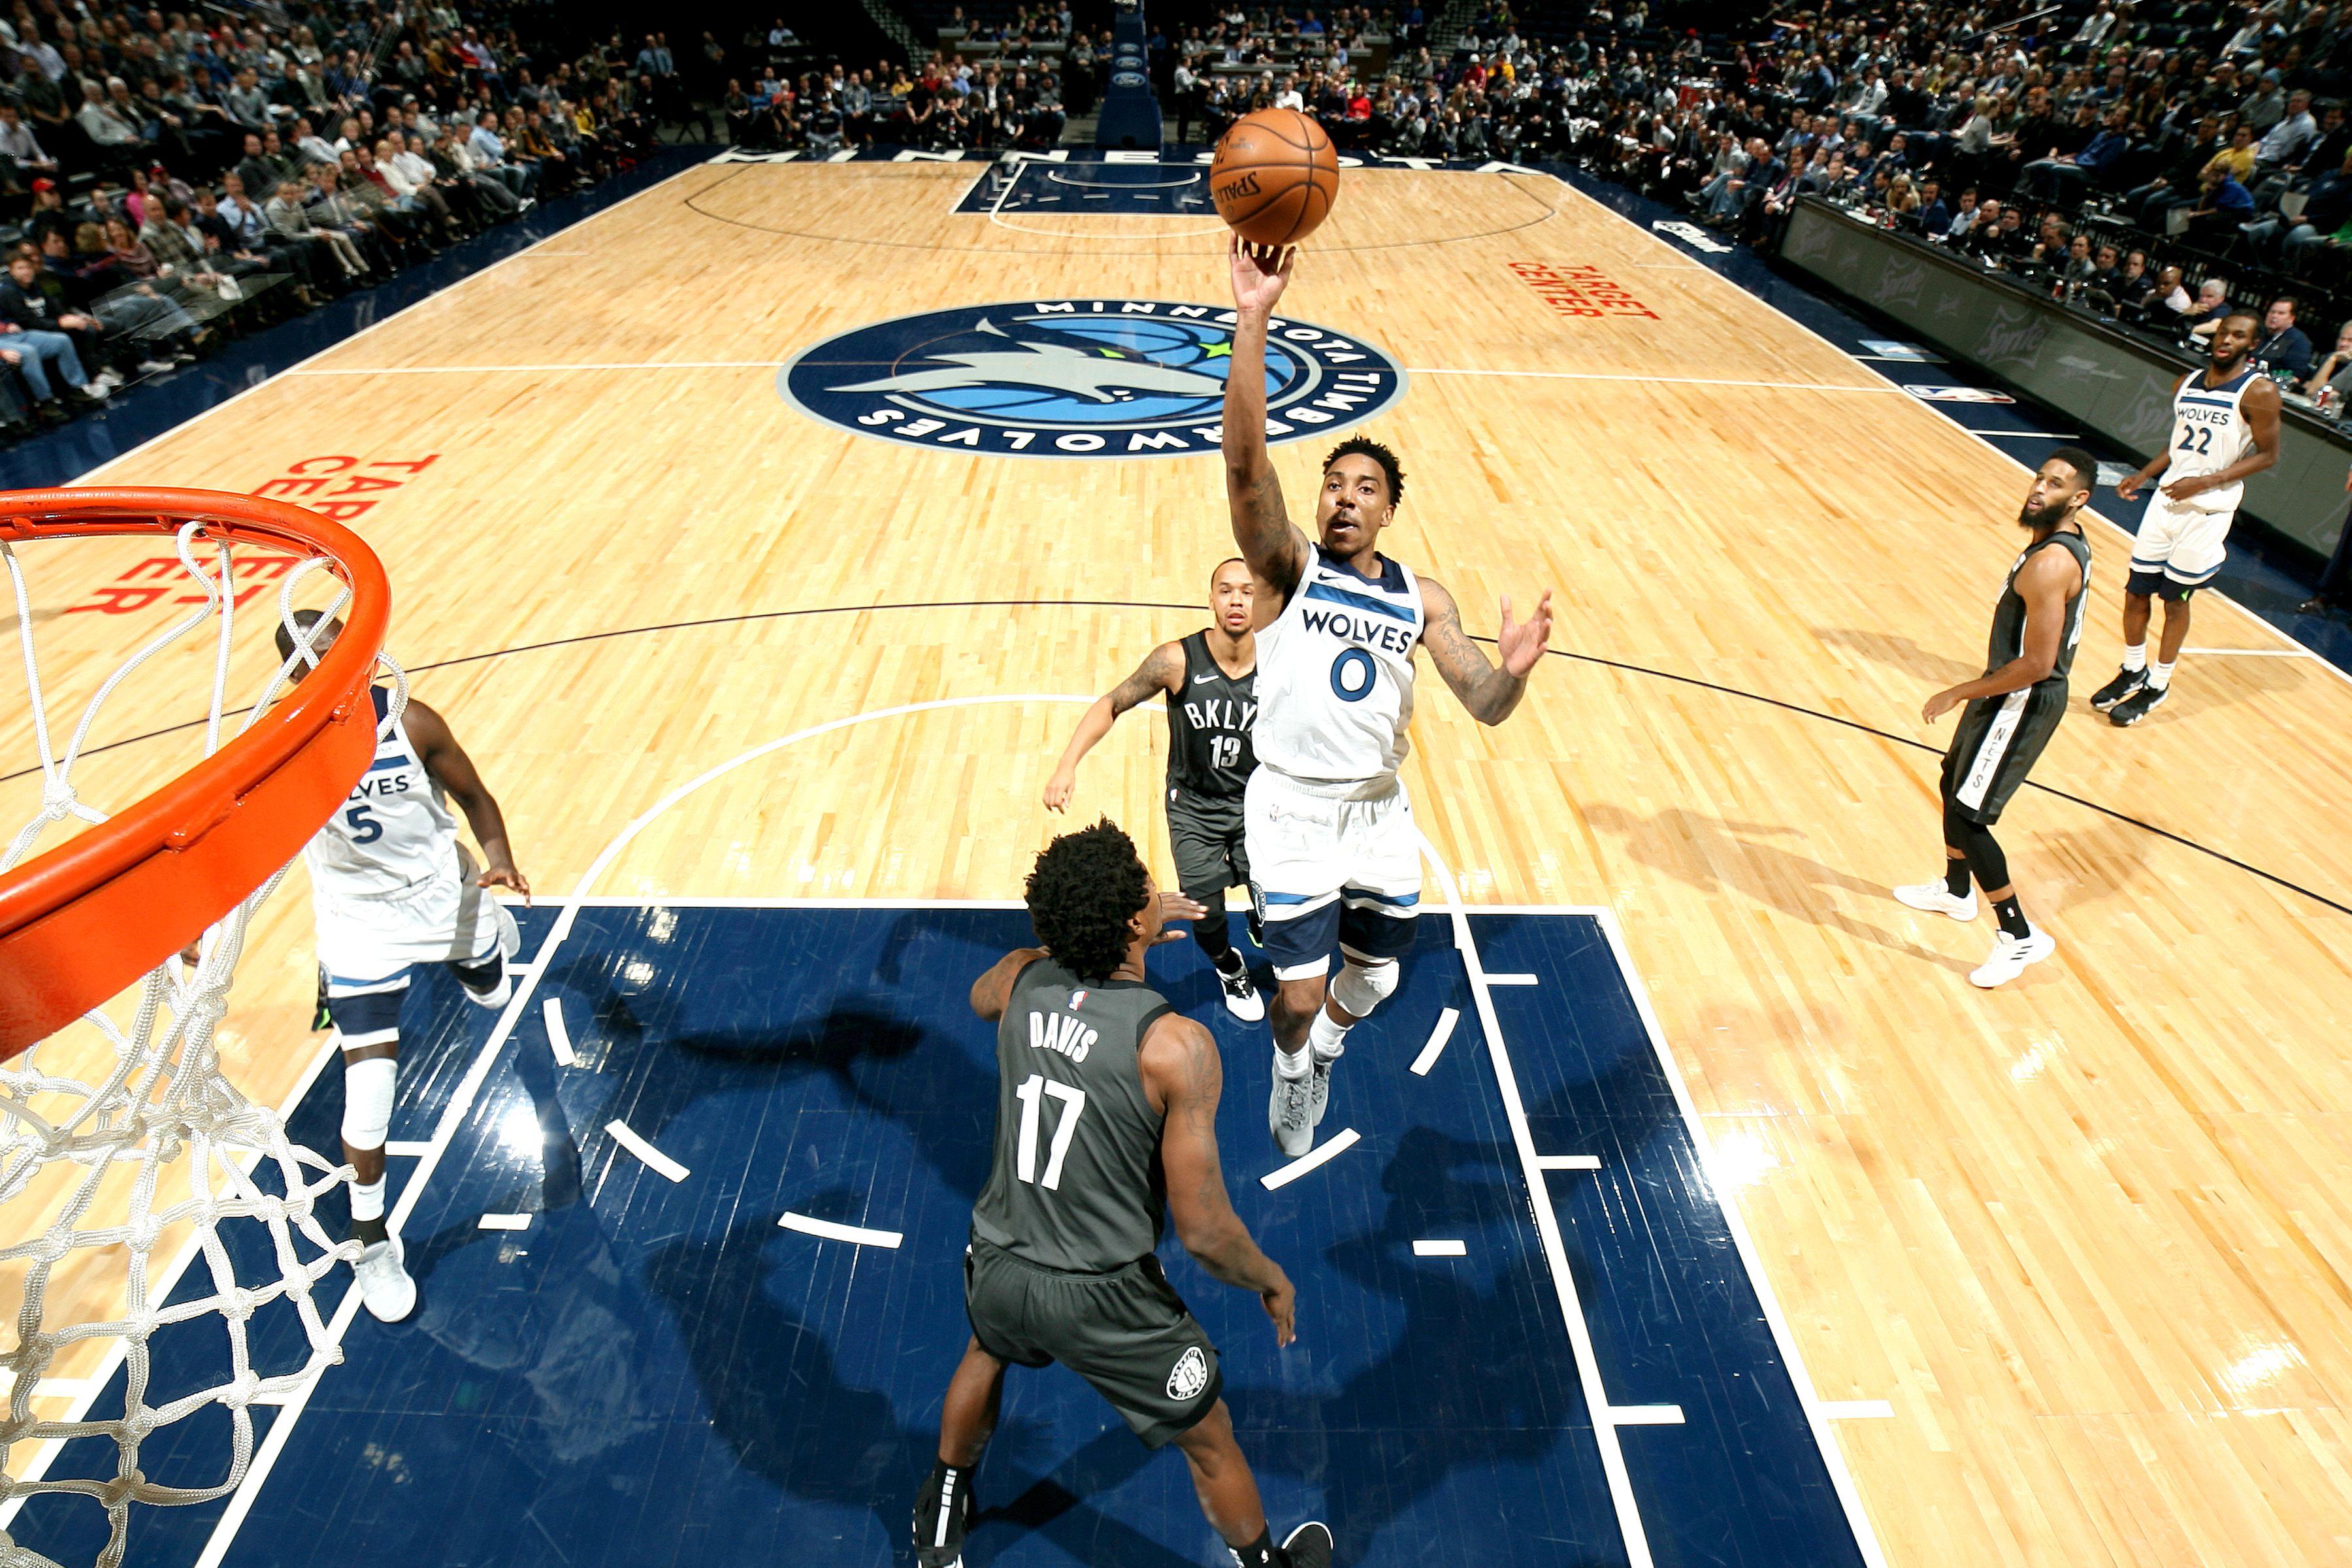 Juego de baloncesto Minnesota Timberwolves contra los Brooklyn Nets